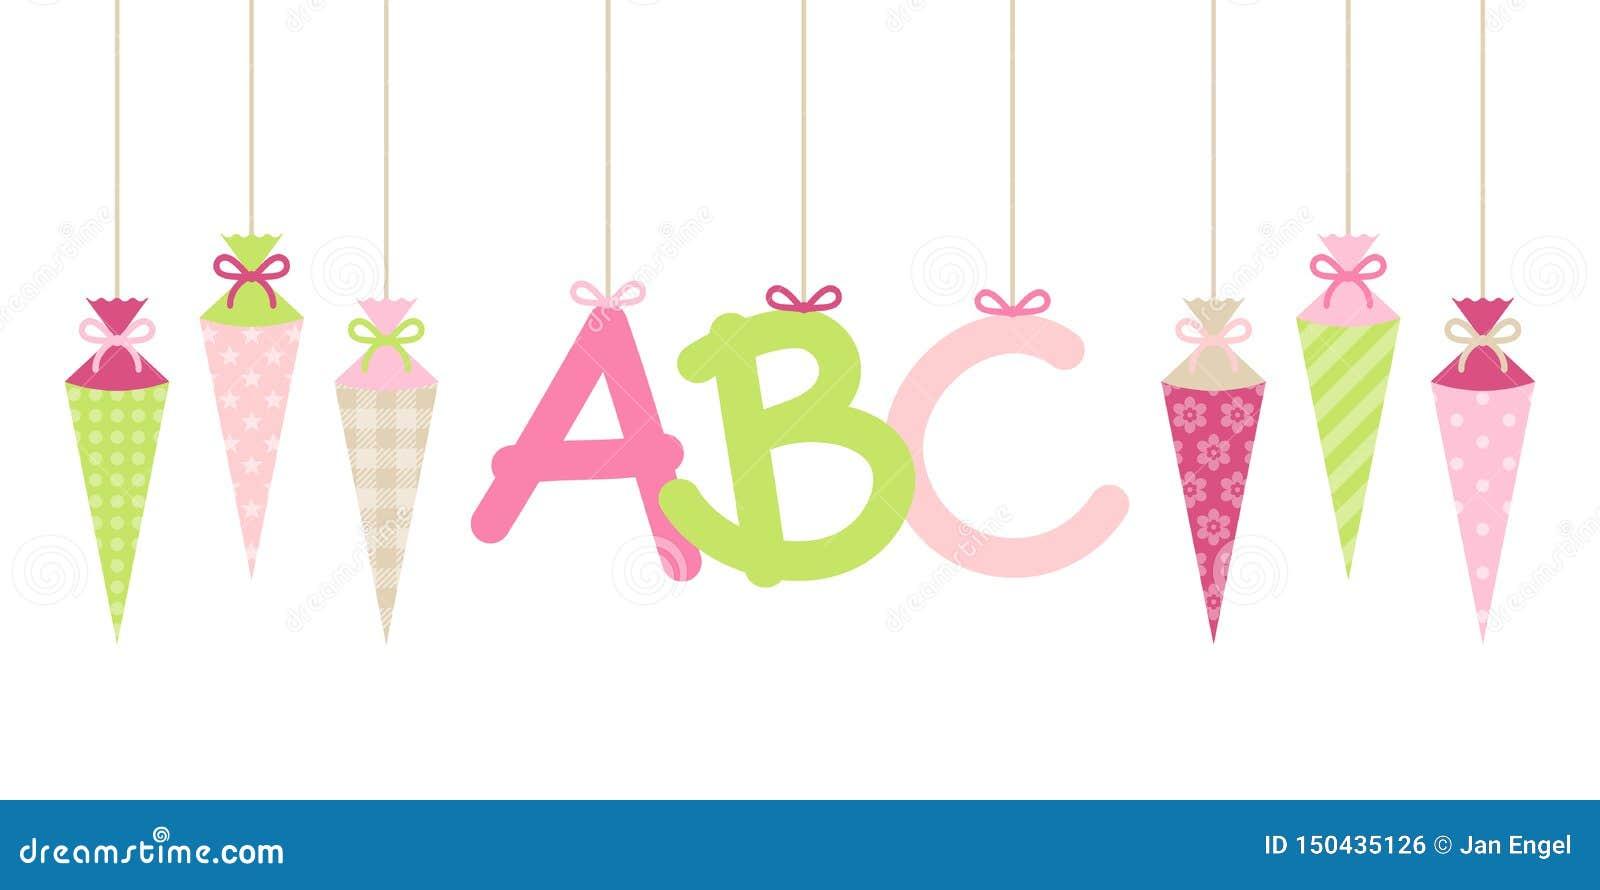 Los cucuruchos colgantes rectos muchacha y ABC de la escuela de la bandera ponen letras a verde rosado